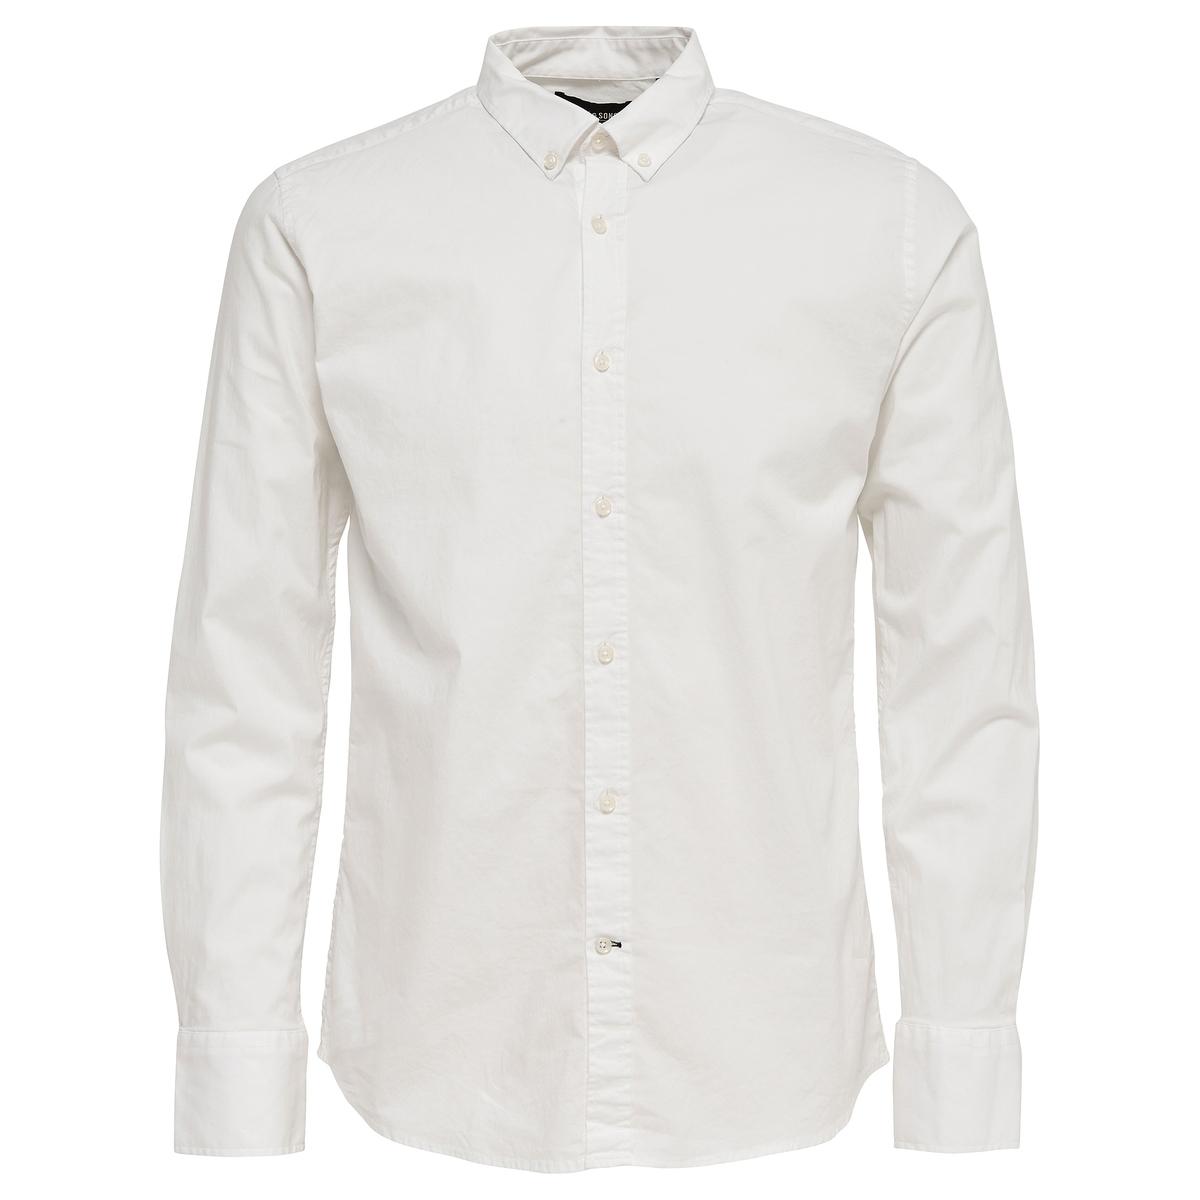 Рубашка из хлопка стрейч ONSALBIOLДлинные рукава с манжетами на пуговицах- Прямой покрой- Классический воротник с уголками на пуговицах- Застёжка на пуговицы- Слегка закругленный низСостав и описание:Основной материал : 97% хлопка, 3% эластанаМарка : ONLY &amp; SONS®Уход:Следуйте рекомендациям по уходу, указанным на ярлыке изделия.<br><br>Цвет: белый,черный<br>Размер: XL.XXL.XXL